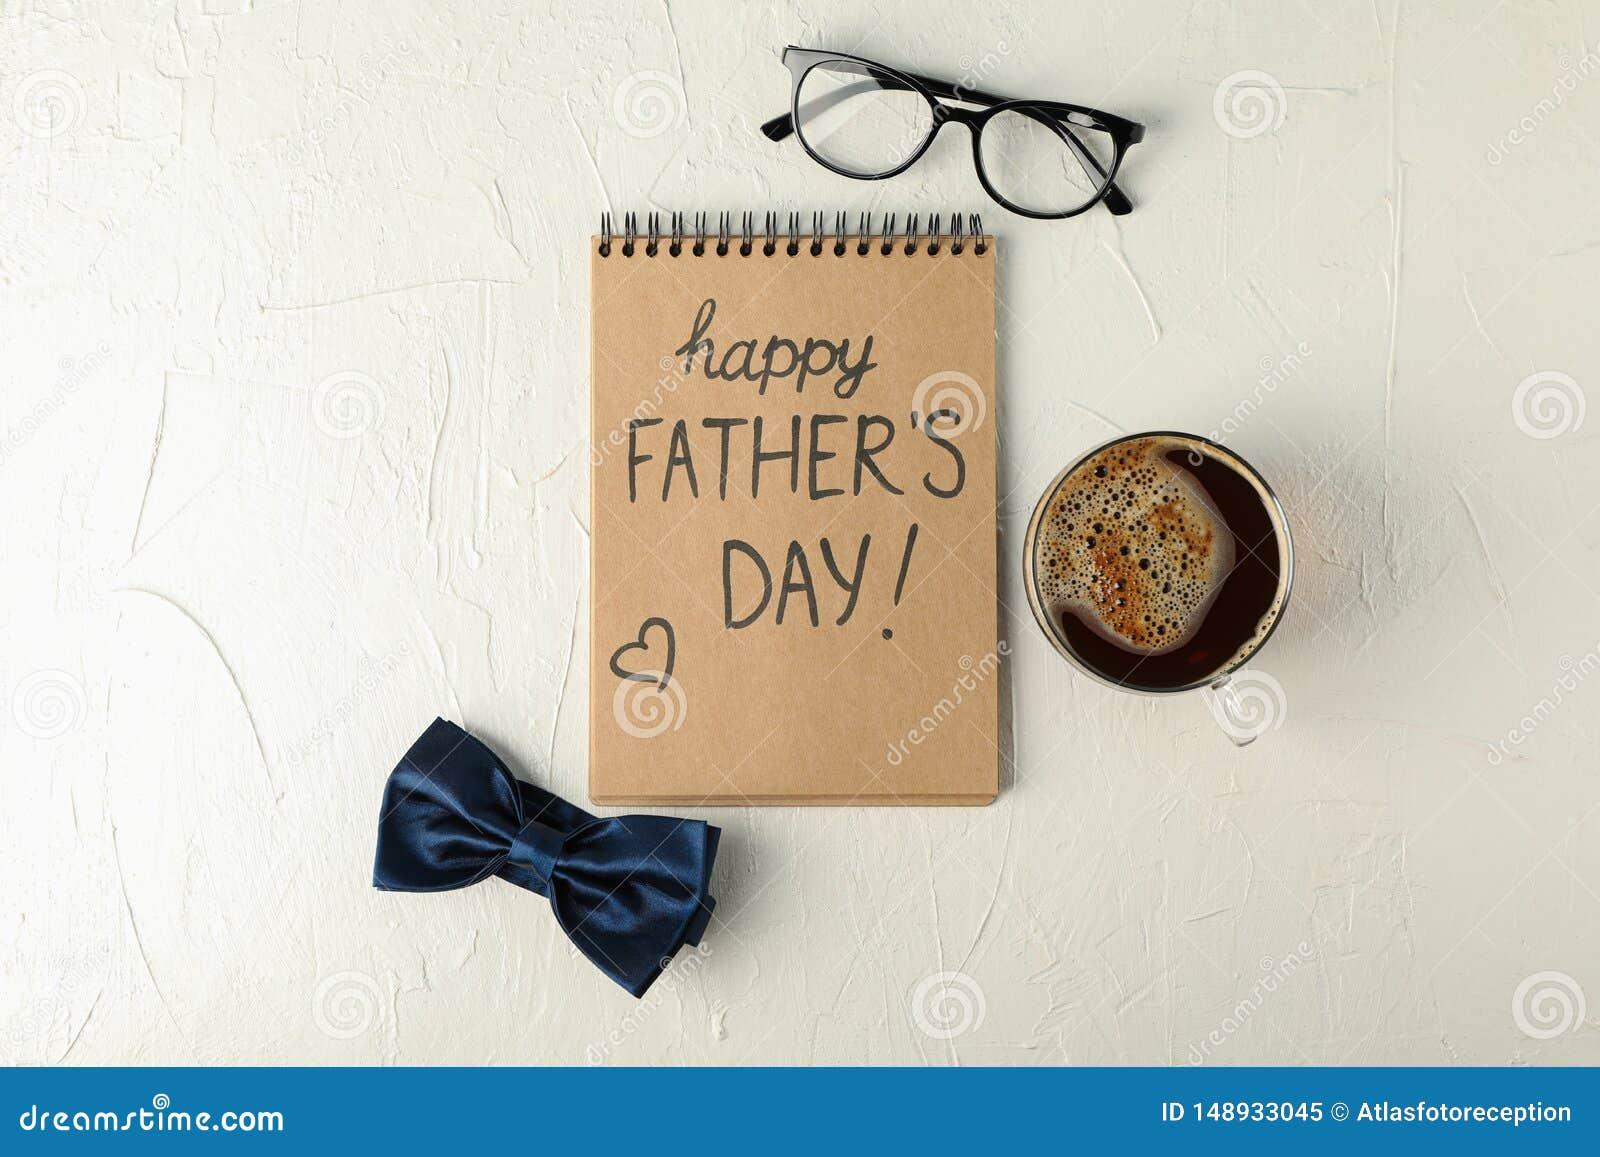 Caderno com dia de pais feliz da inscrição, laço azul, xícara de café e vidros no fundo branco